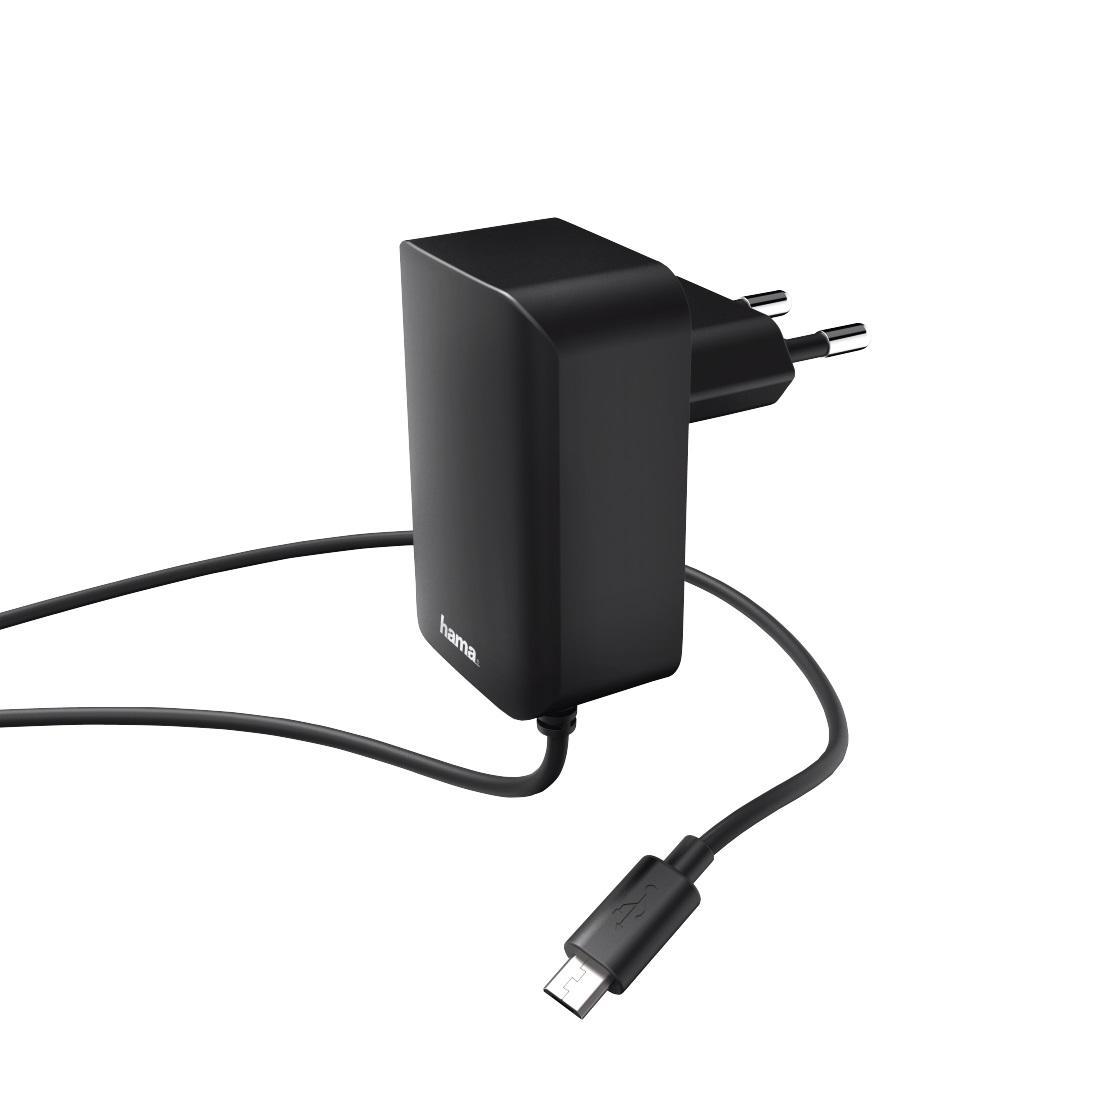 Зарядно HAMA 178301, 100V-240V, microUSB, 2.4 A, Черен